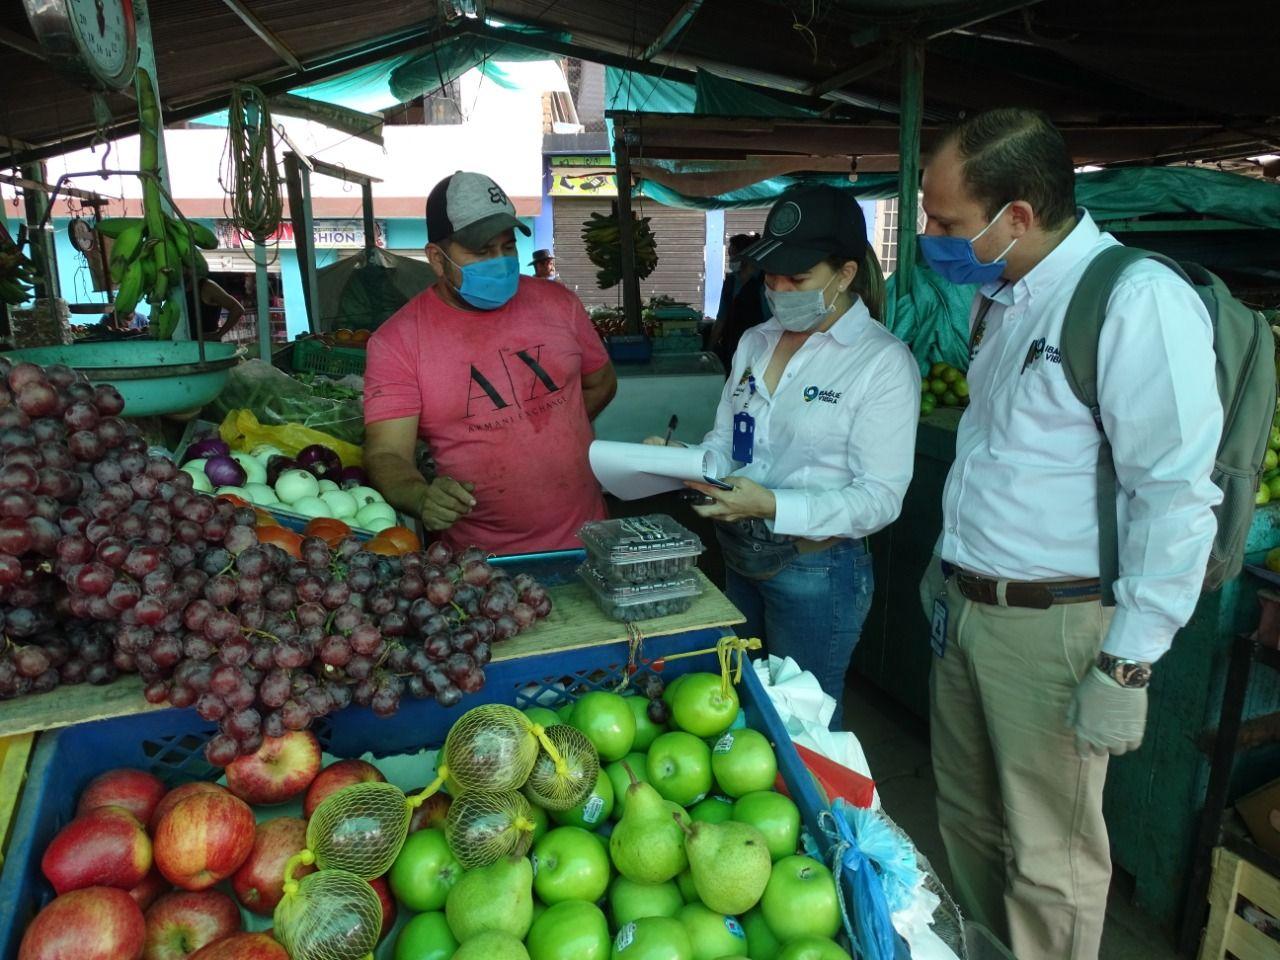 Alcaldía de Ibagué realiza control de precios a productos de la canasta familiar